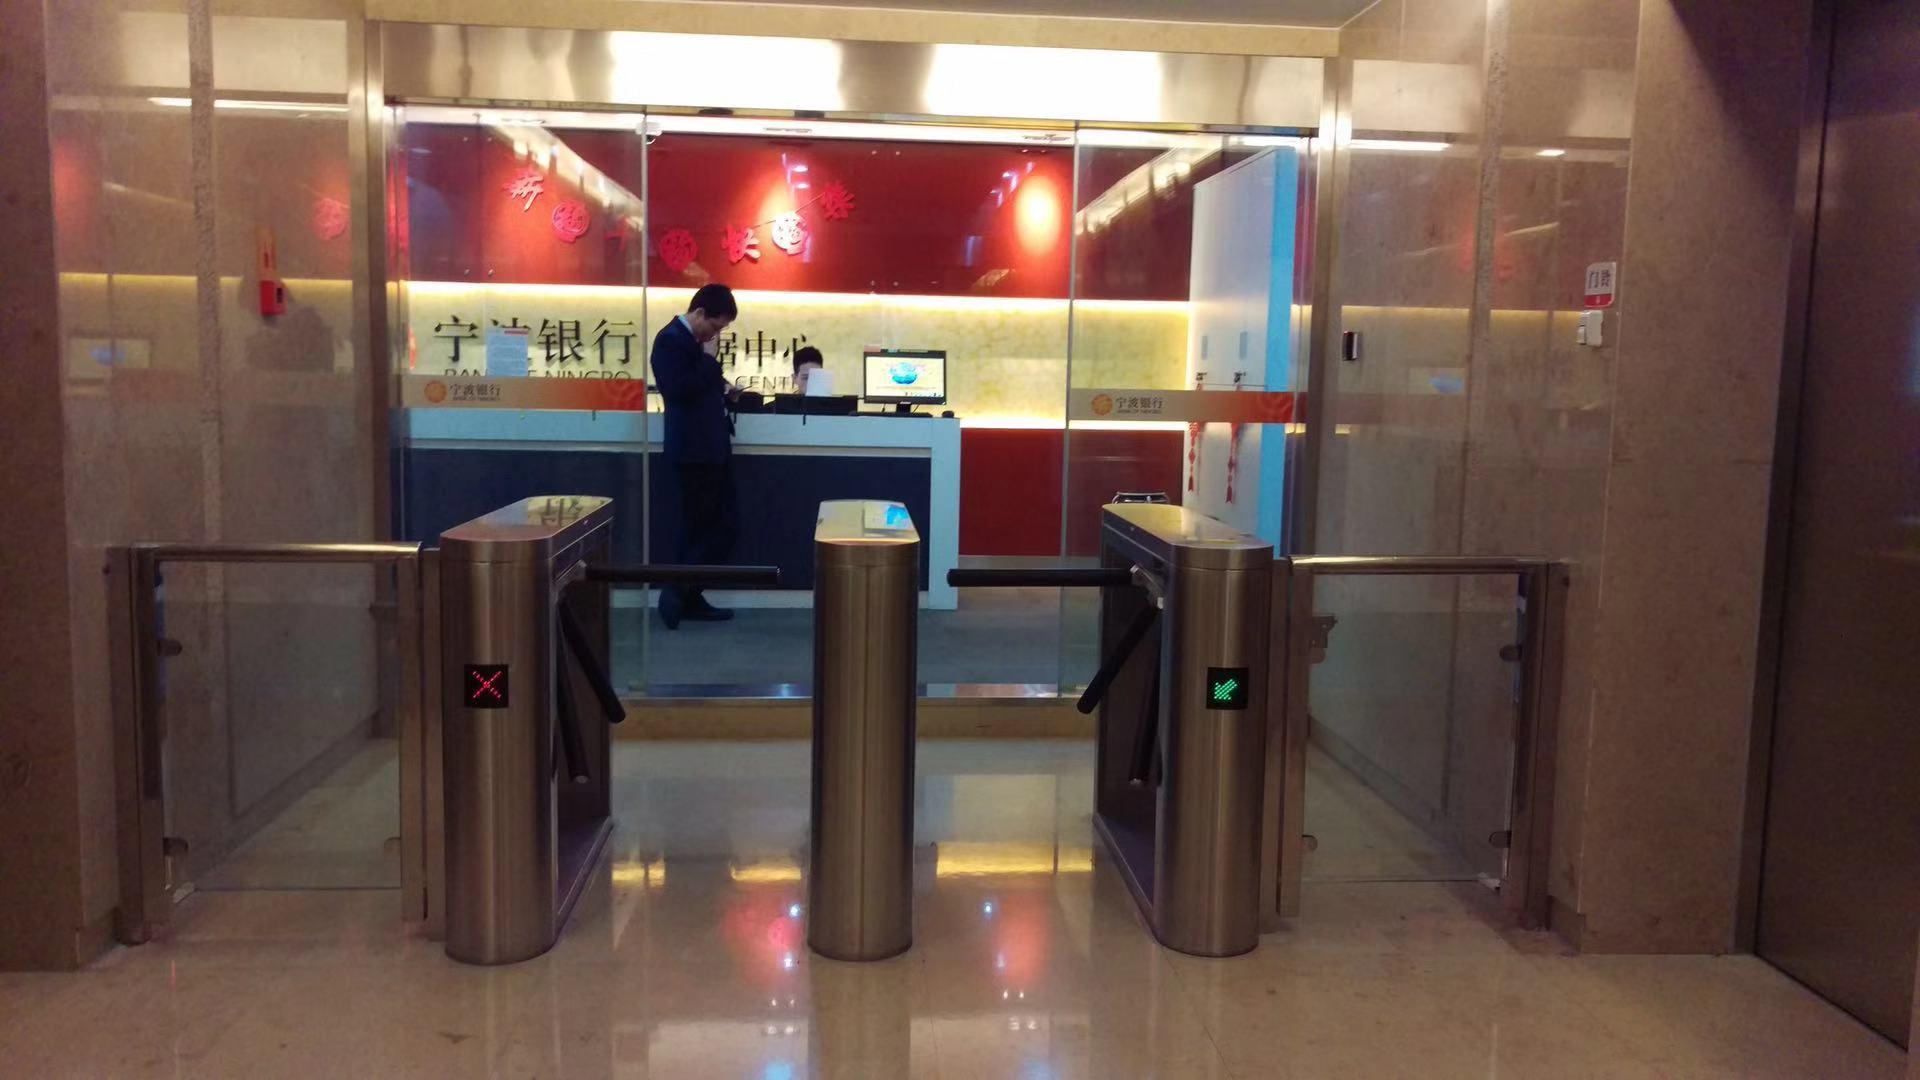 宁波银行总部智能三辊闸